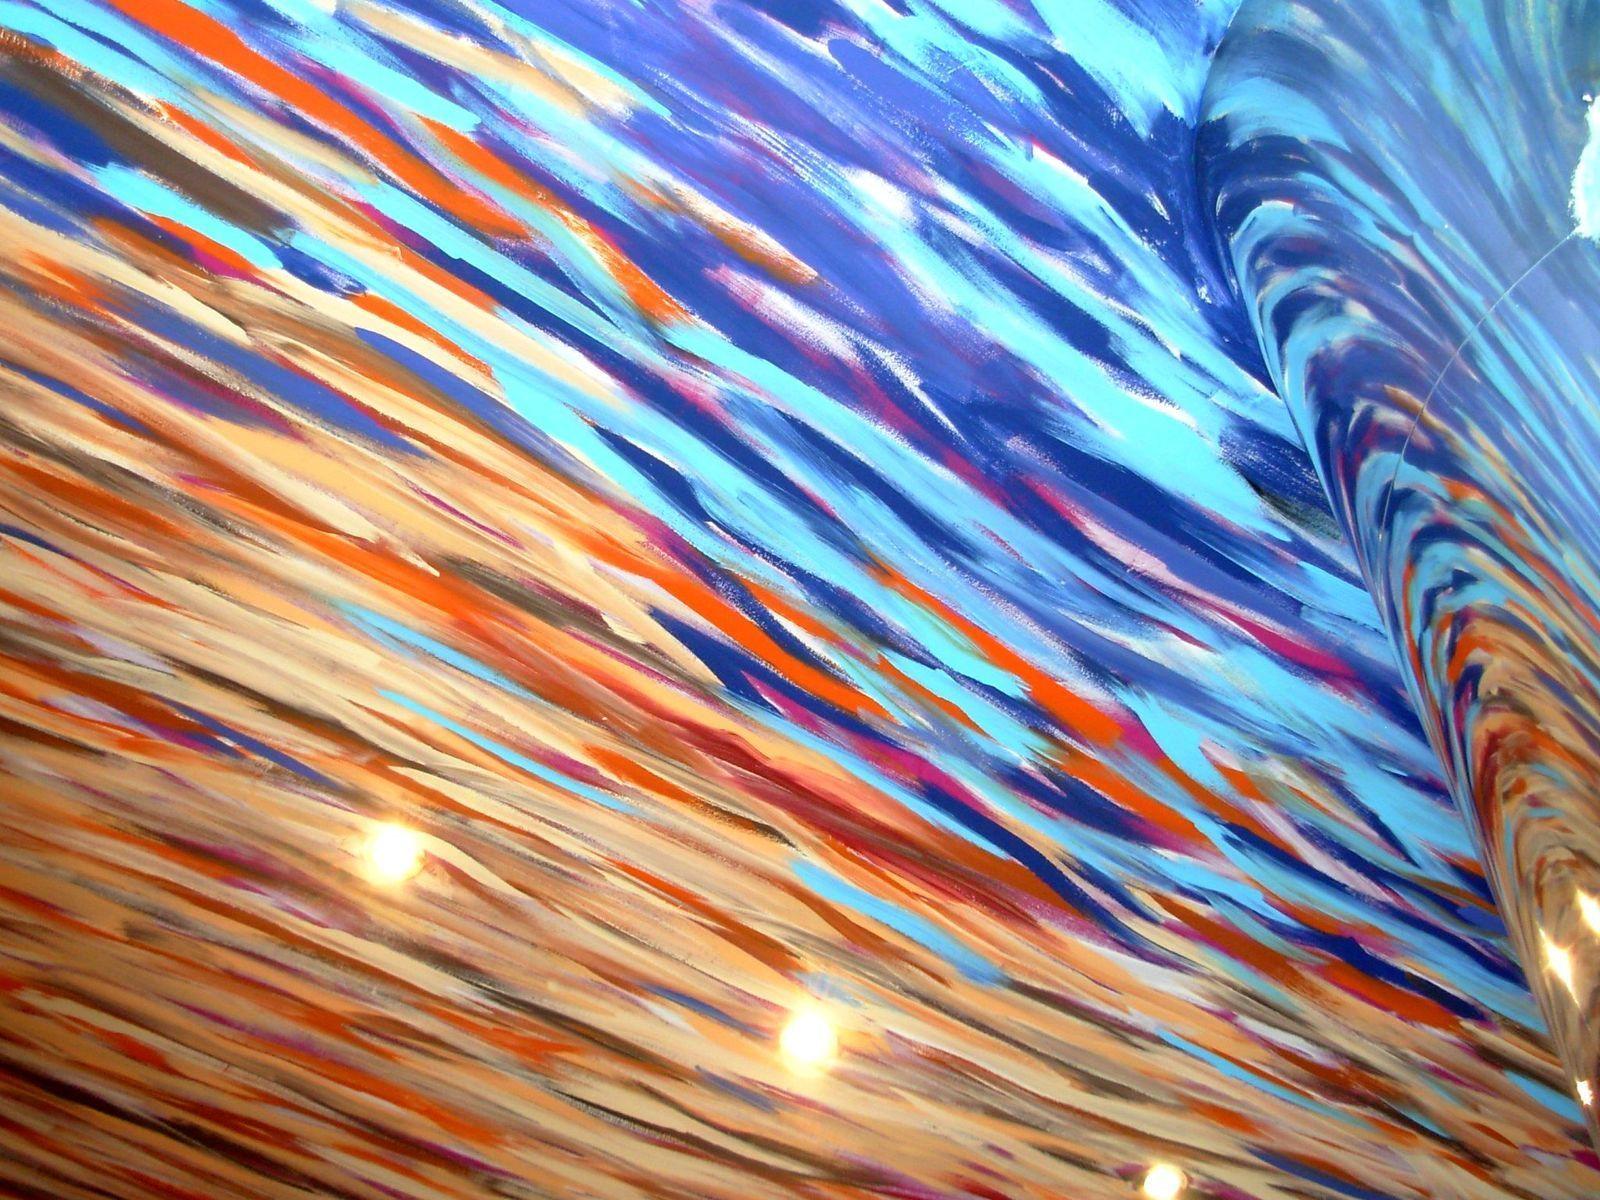 Deckenmalerei - Blau - Orange